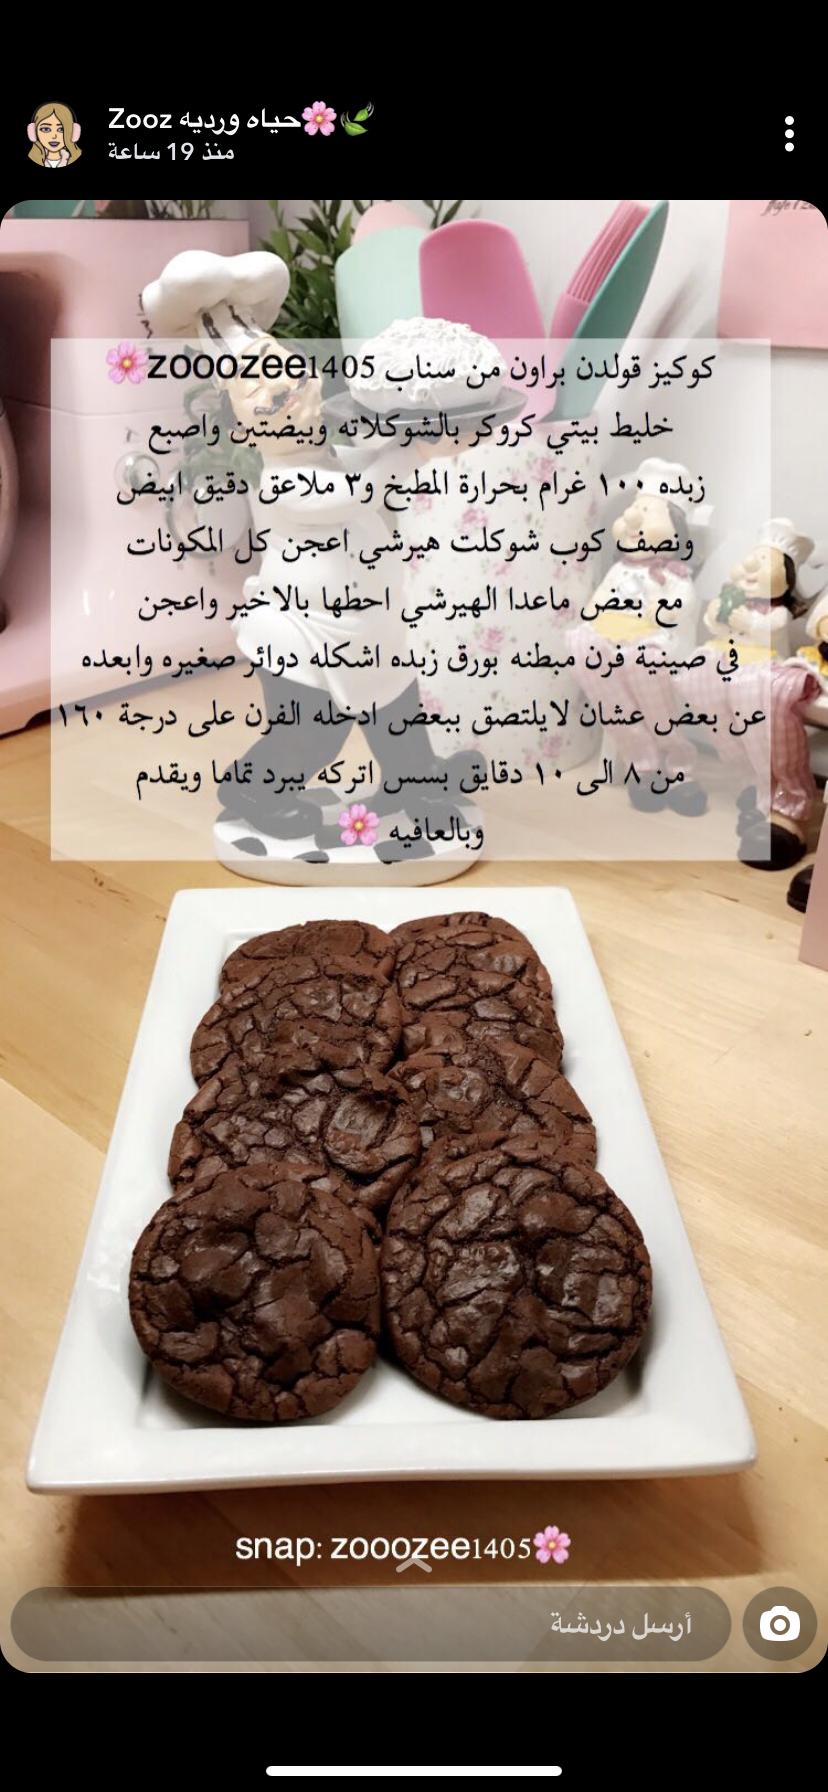 طريقة عمل الكوكيز قولدن براون طريقة Recipe Ultimate Chocolate Chip Cookie Cookies Recipes Chocolate Chip Chocolate Chip Cookies